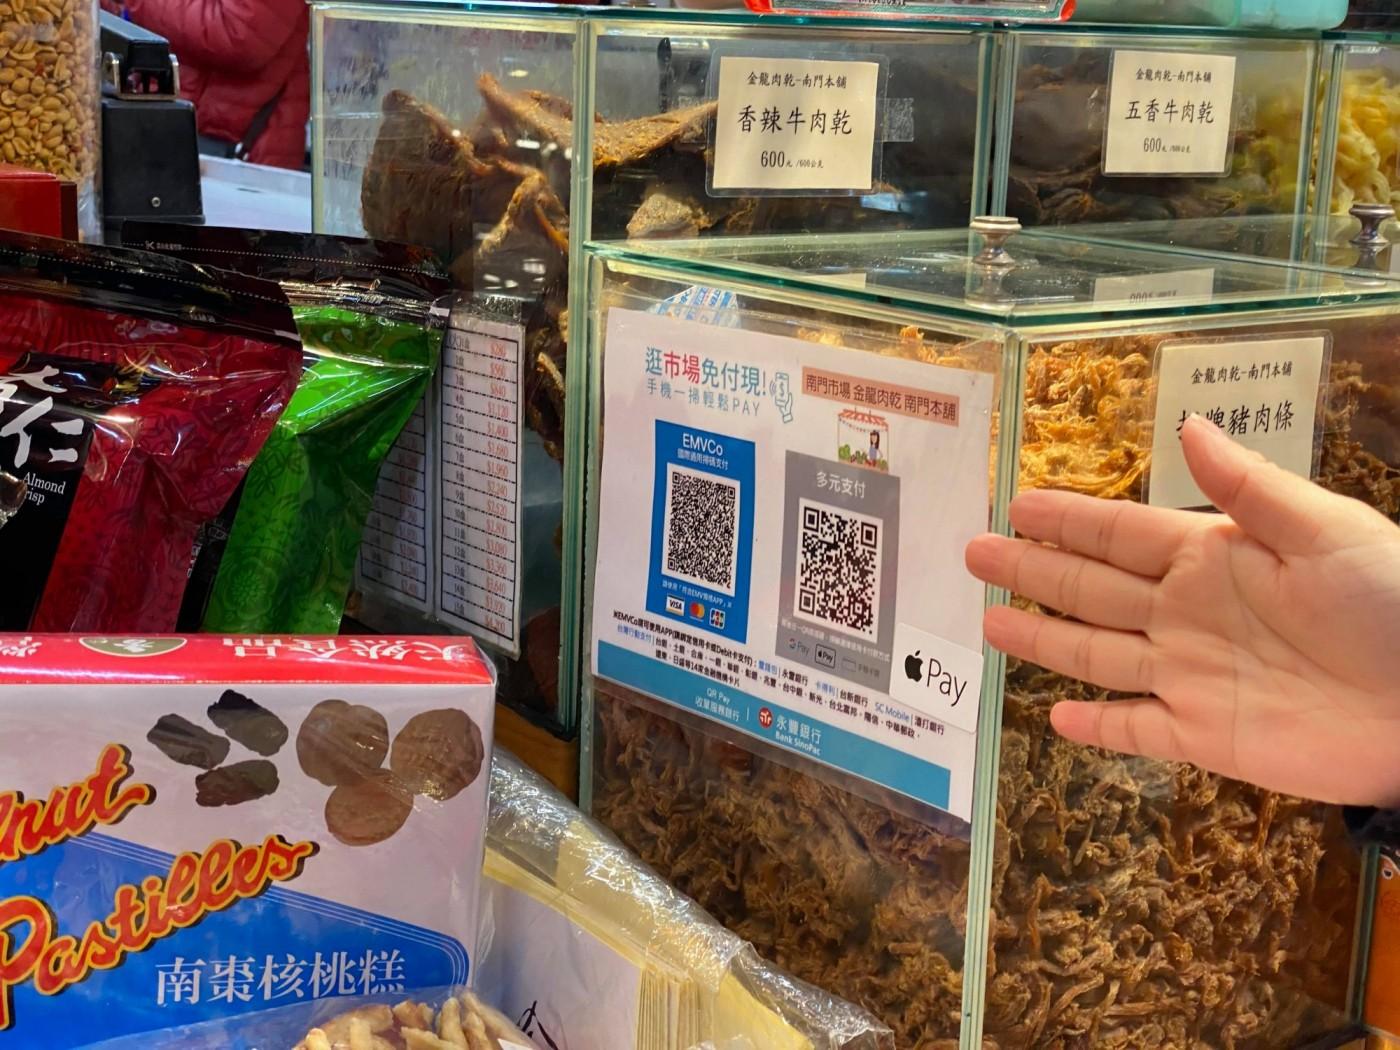 支付界的掃碼行家,永豐QR Pay如何攻占台北9成公有傳統市場?